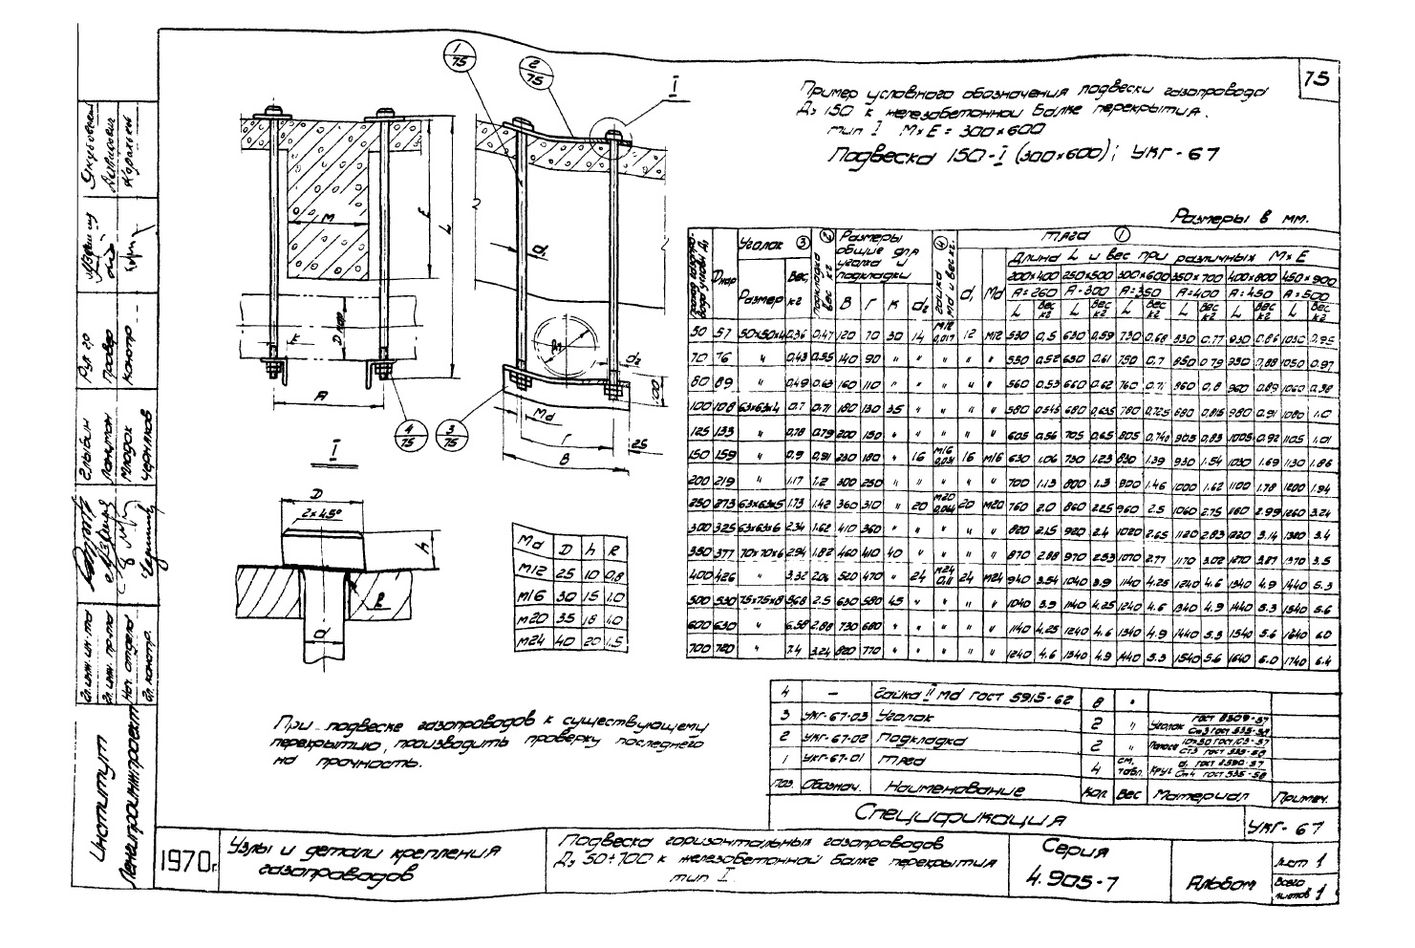 Подвеска горизонтальных газопроводов Ду50-700 к железобетонной балке перекрытия Тип-1 УКГ-67 серия 4.905-7